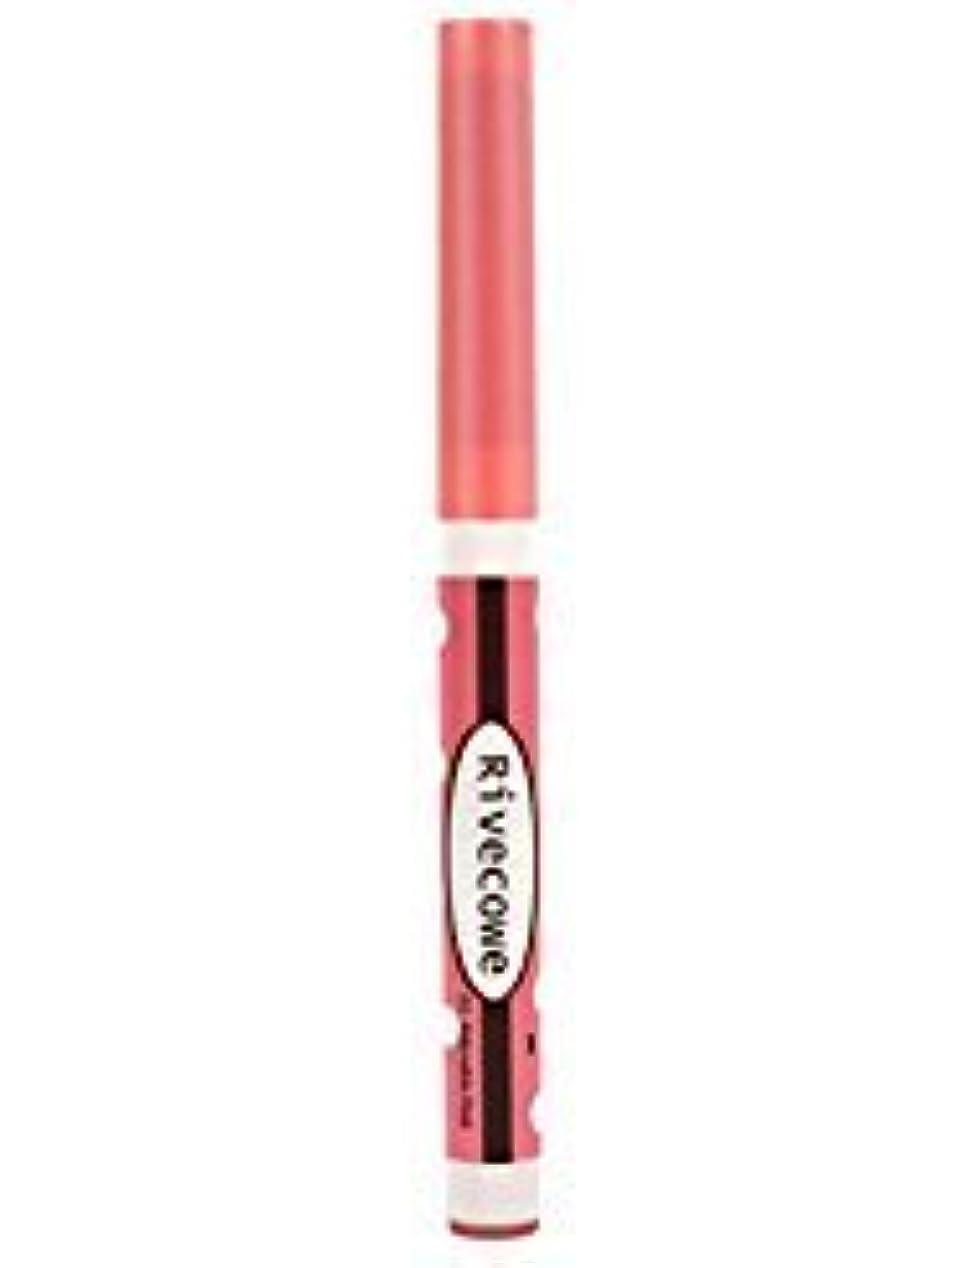 打ち上げるヨーグルト航空機Rivecowe 5色の簡単影響スティックアイシャドウ(EEスティック)0.028オズ/0.8G #01.愛らしいピンク [並行輸入品]